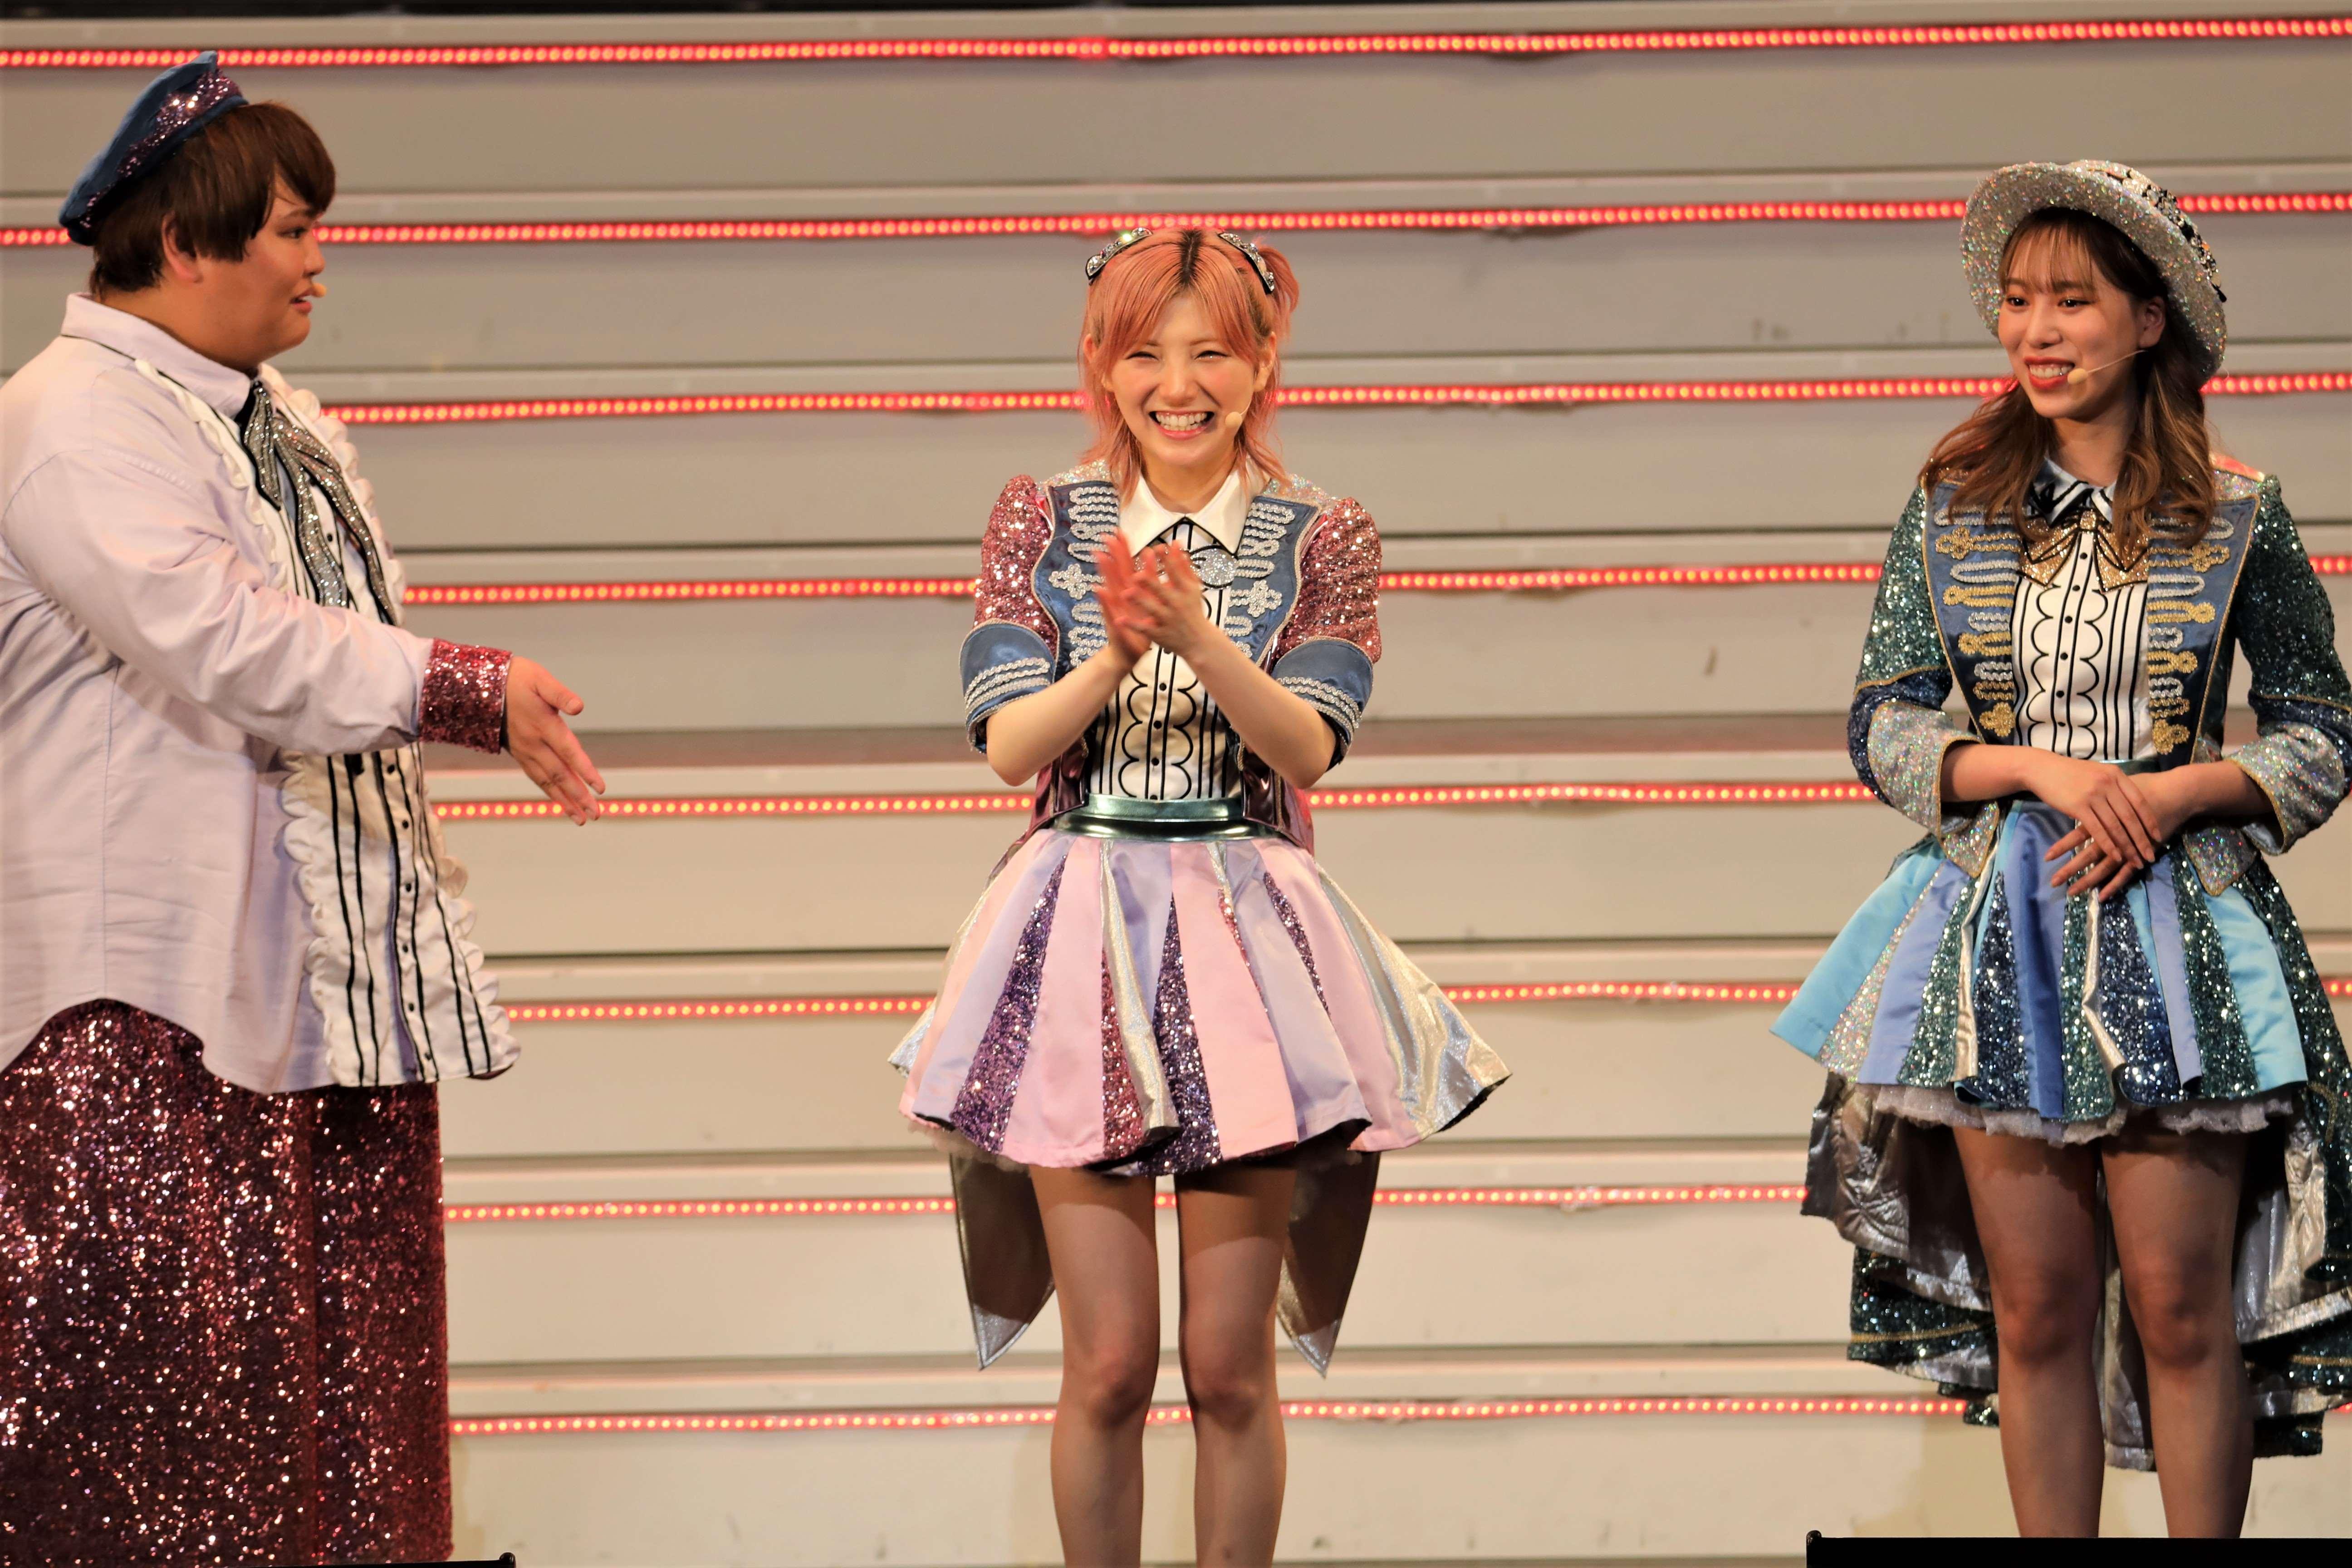 「今日、かっこいい髪型しておけばよかった」 ©AKB48 THE AUDISHOW製作委員会  無断アップロード及び転送は一切禁止です。